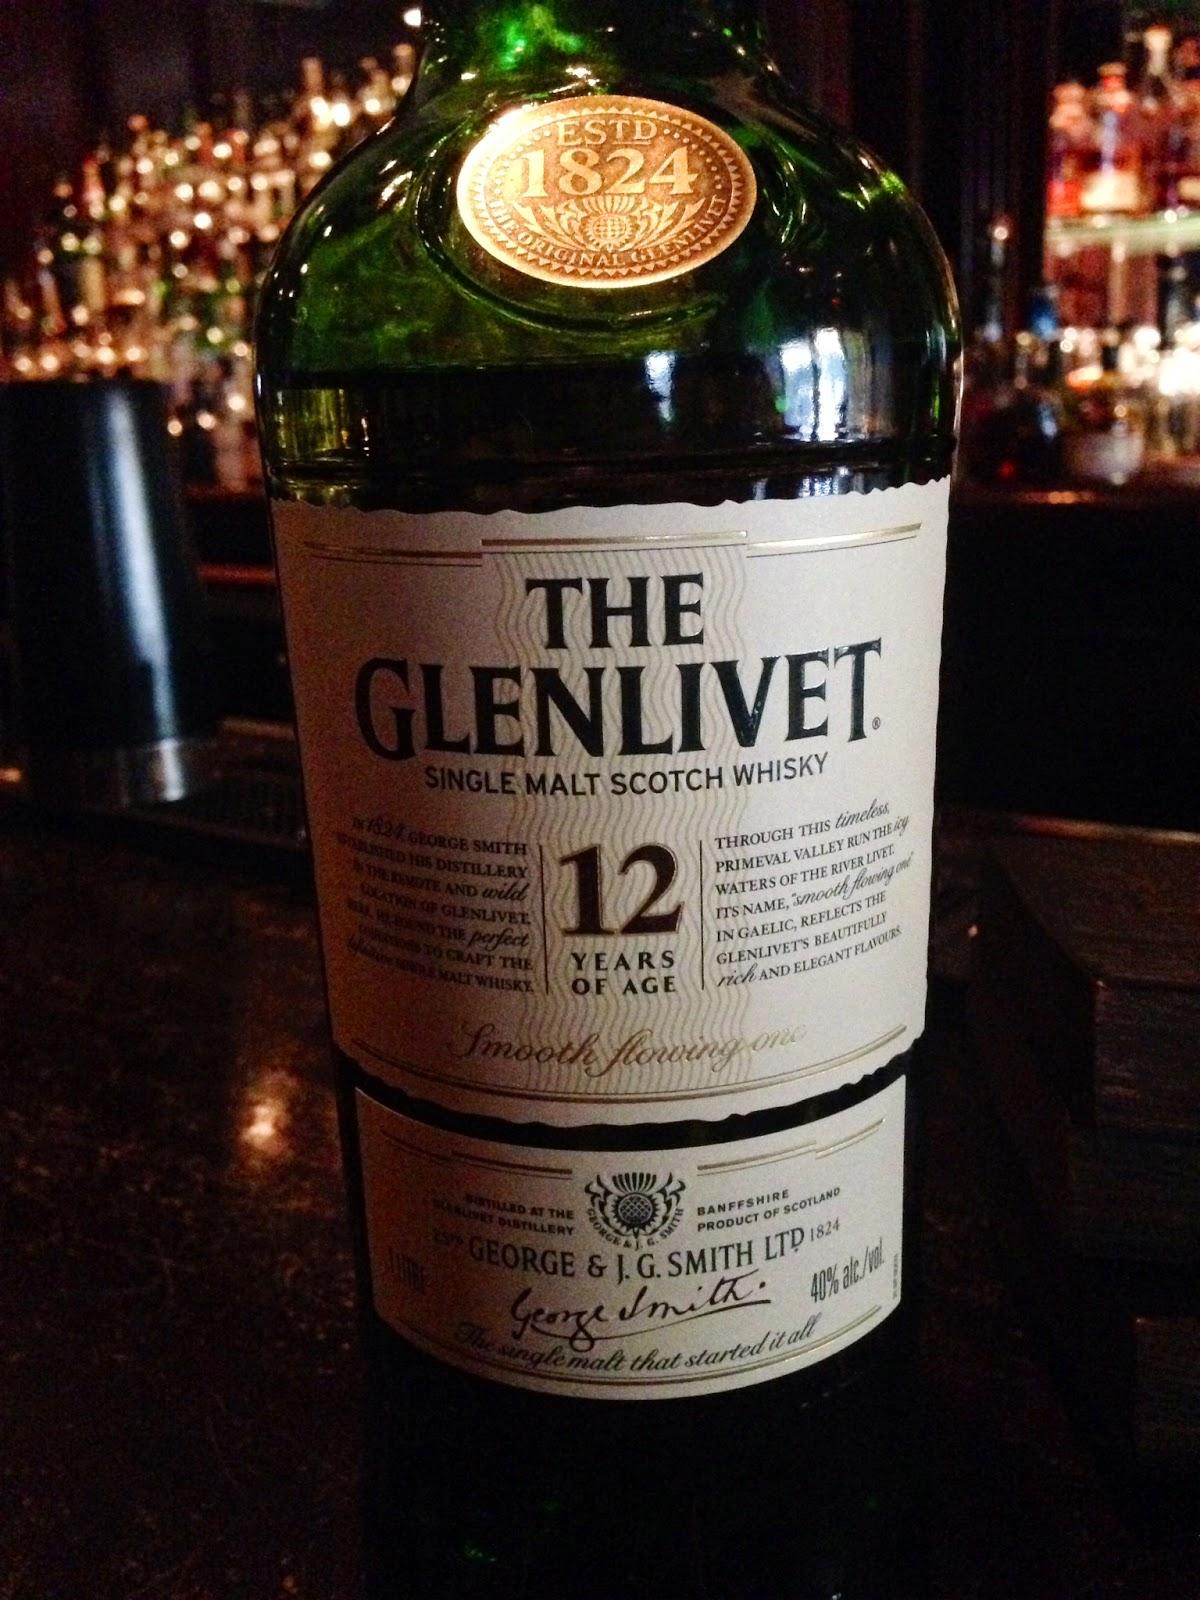 The Glenlivet 12